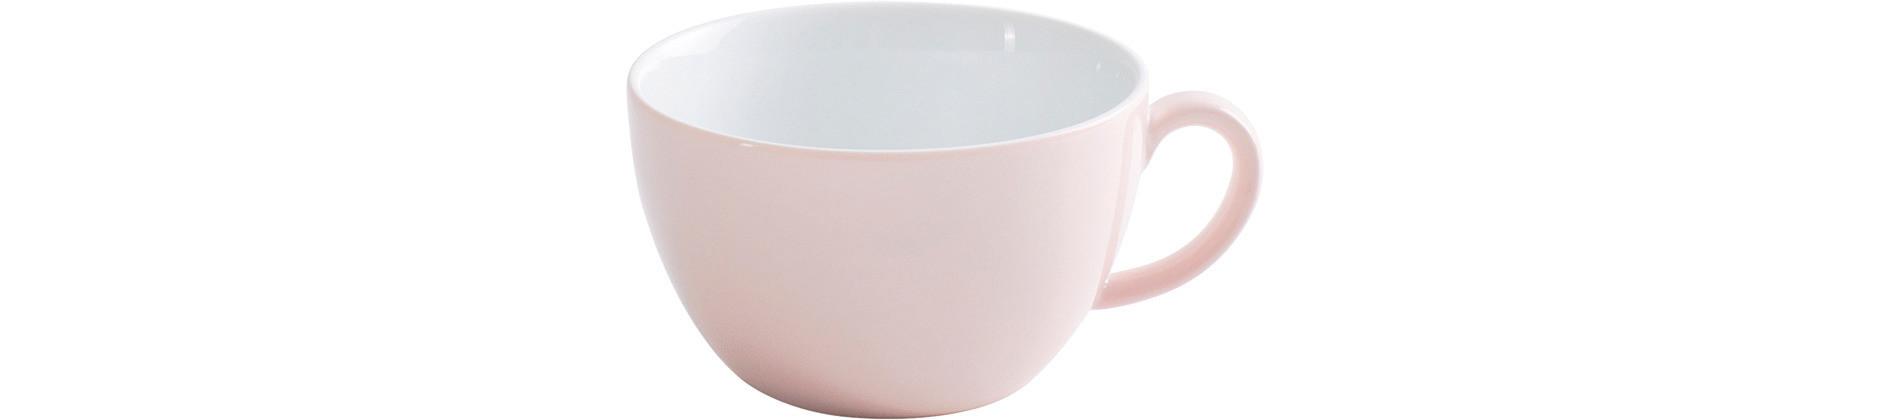 Pronto, Café au lait Tasse ø 115 mm / 0,40 l rosé